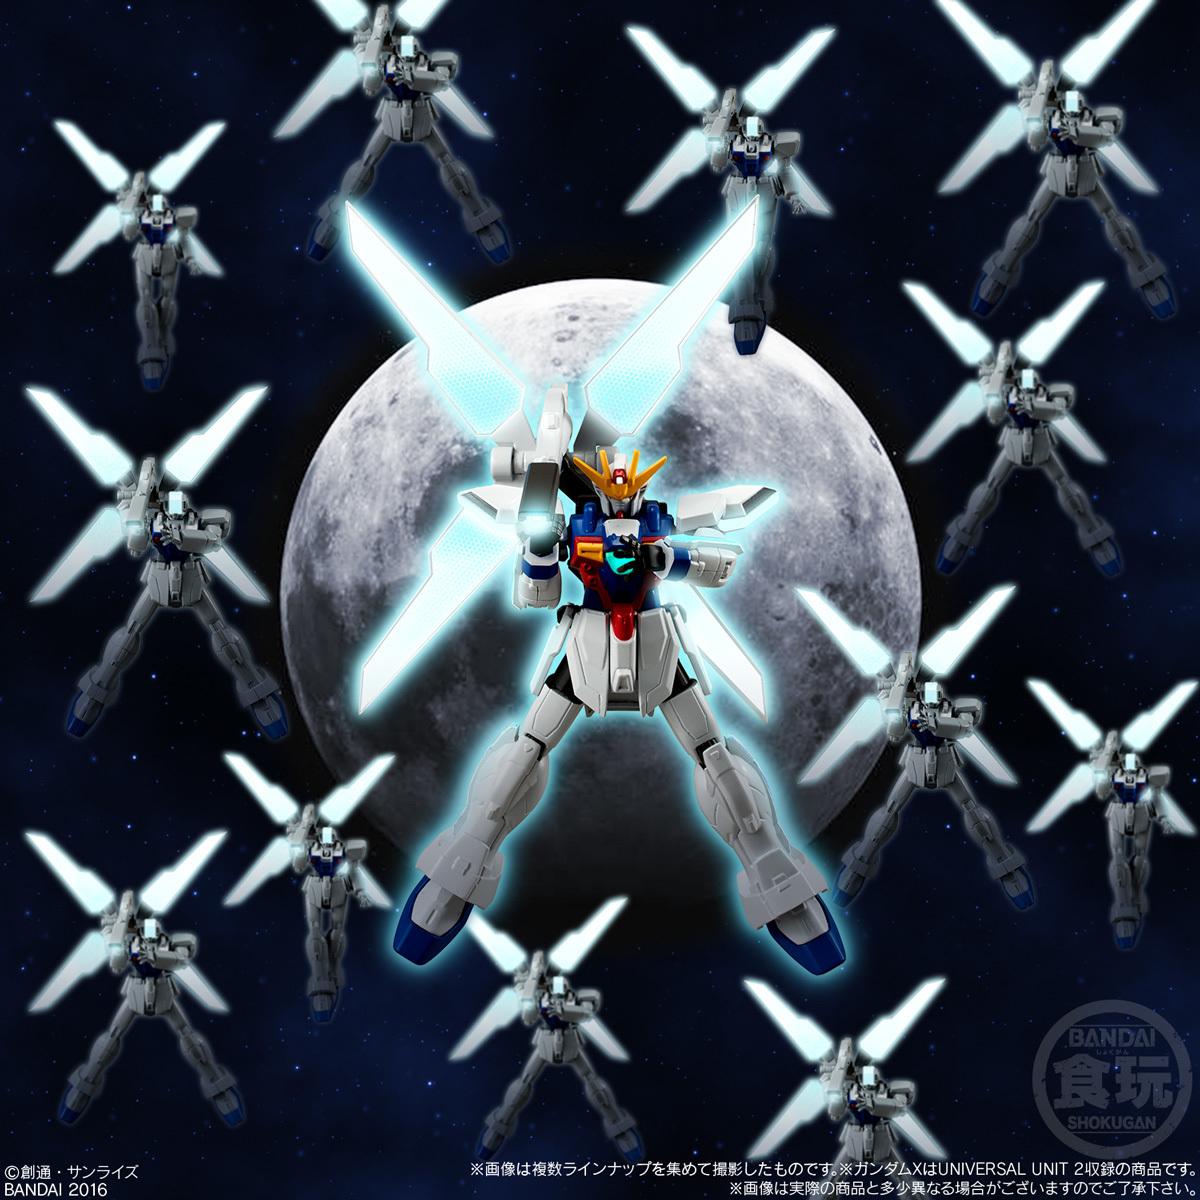 機動戦士ガンダム ユニバーサルユニット Gビットセット イメージ(1) \u203b「ガンダムX